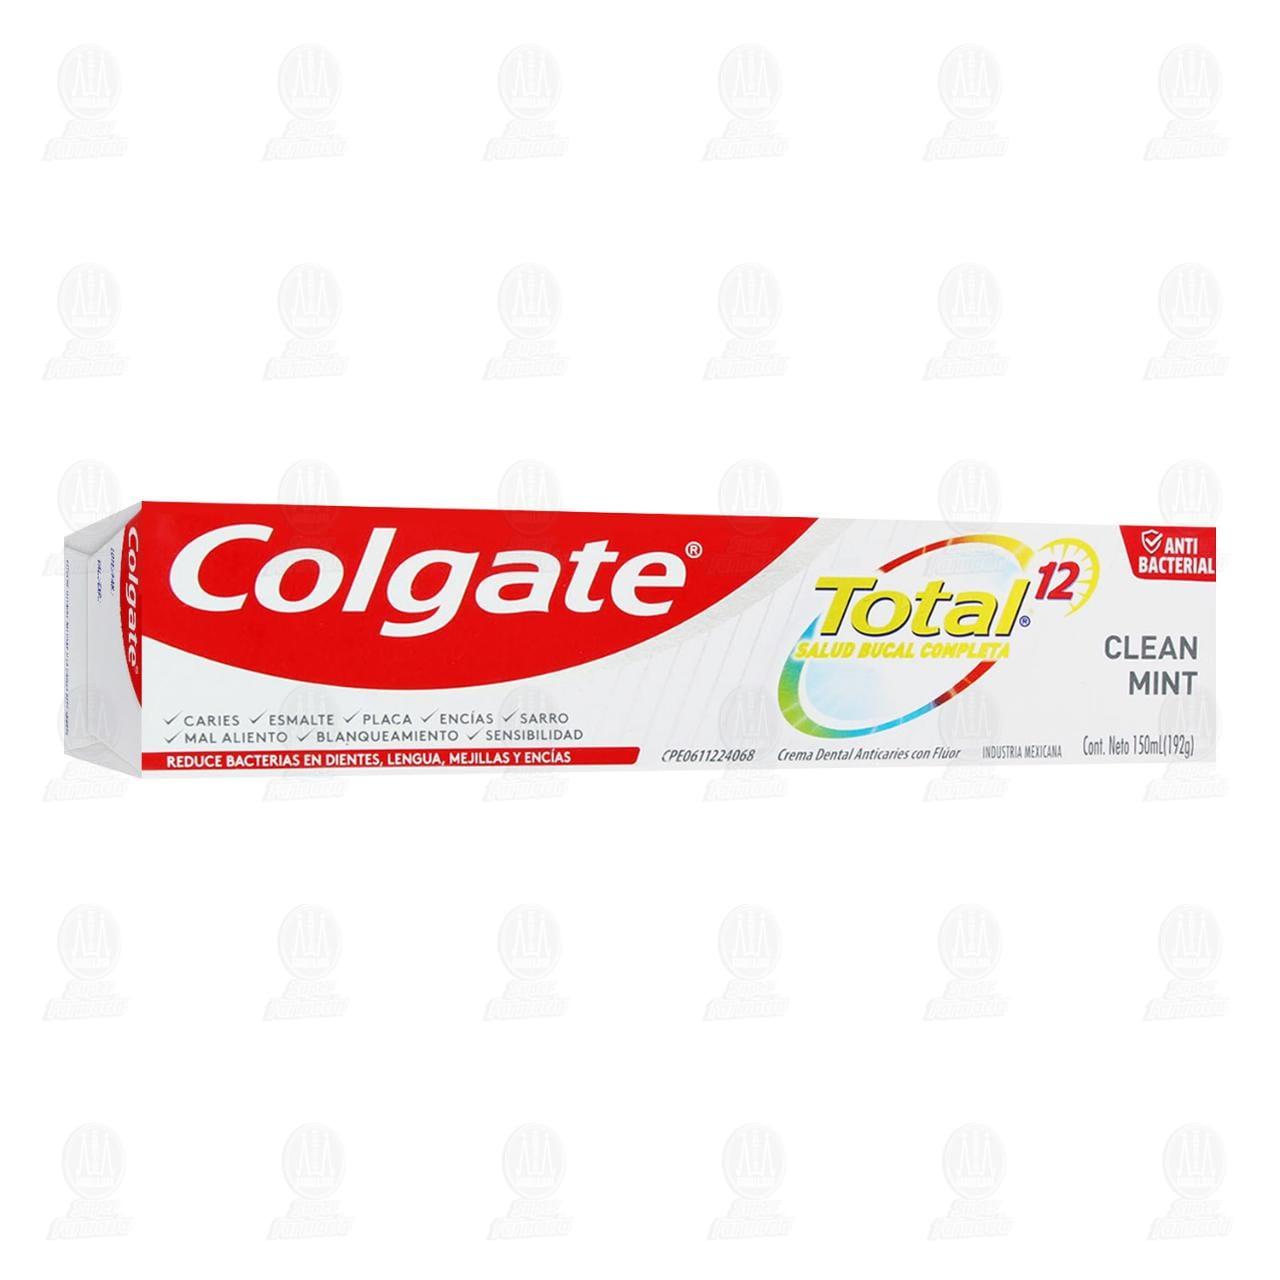 Comprar Pasta Dental Colgate Total 12 Clean Mint, 150 ml. en Farmacias Guadalajara